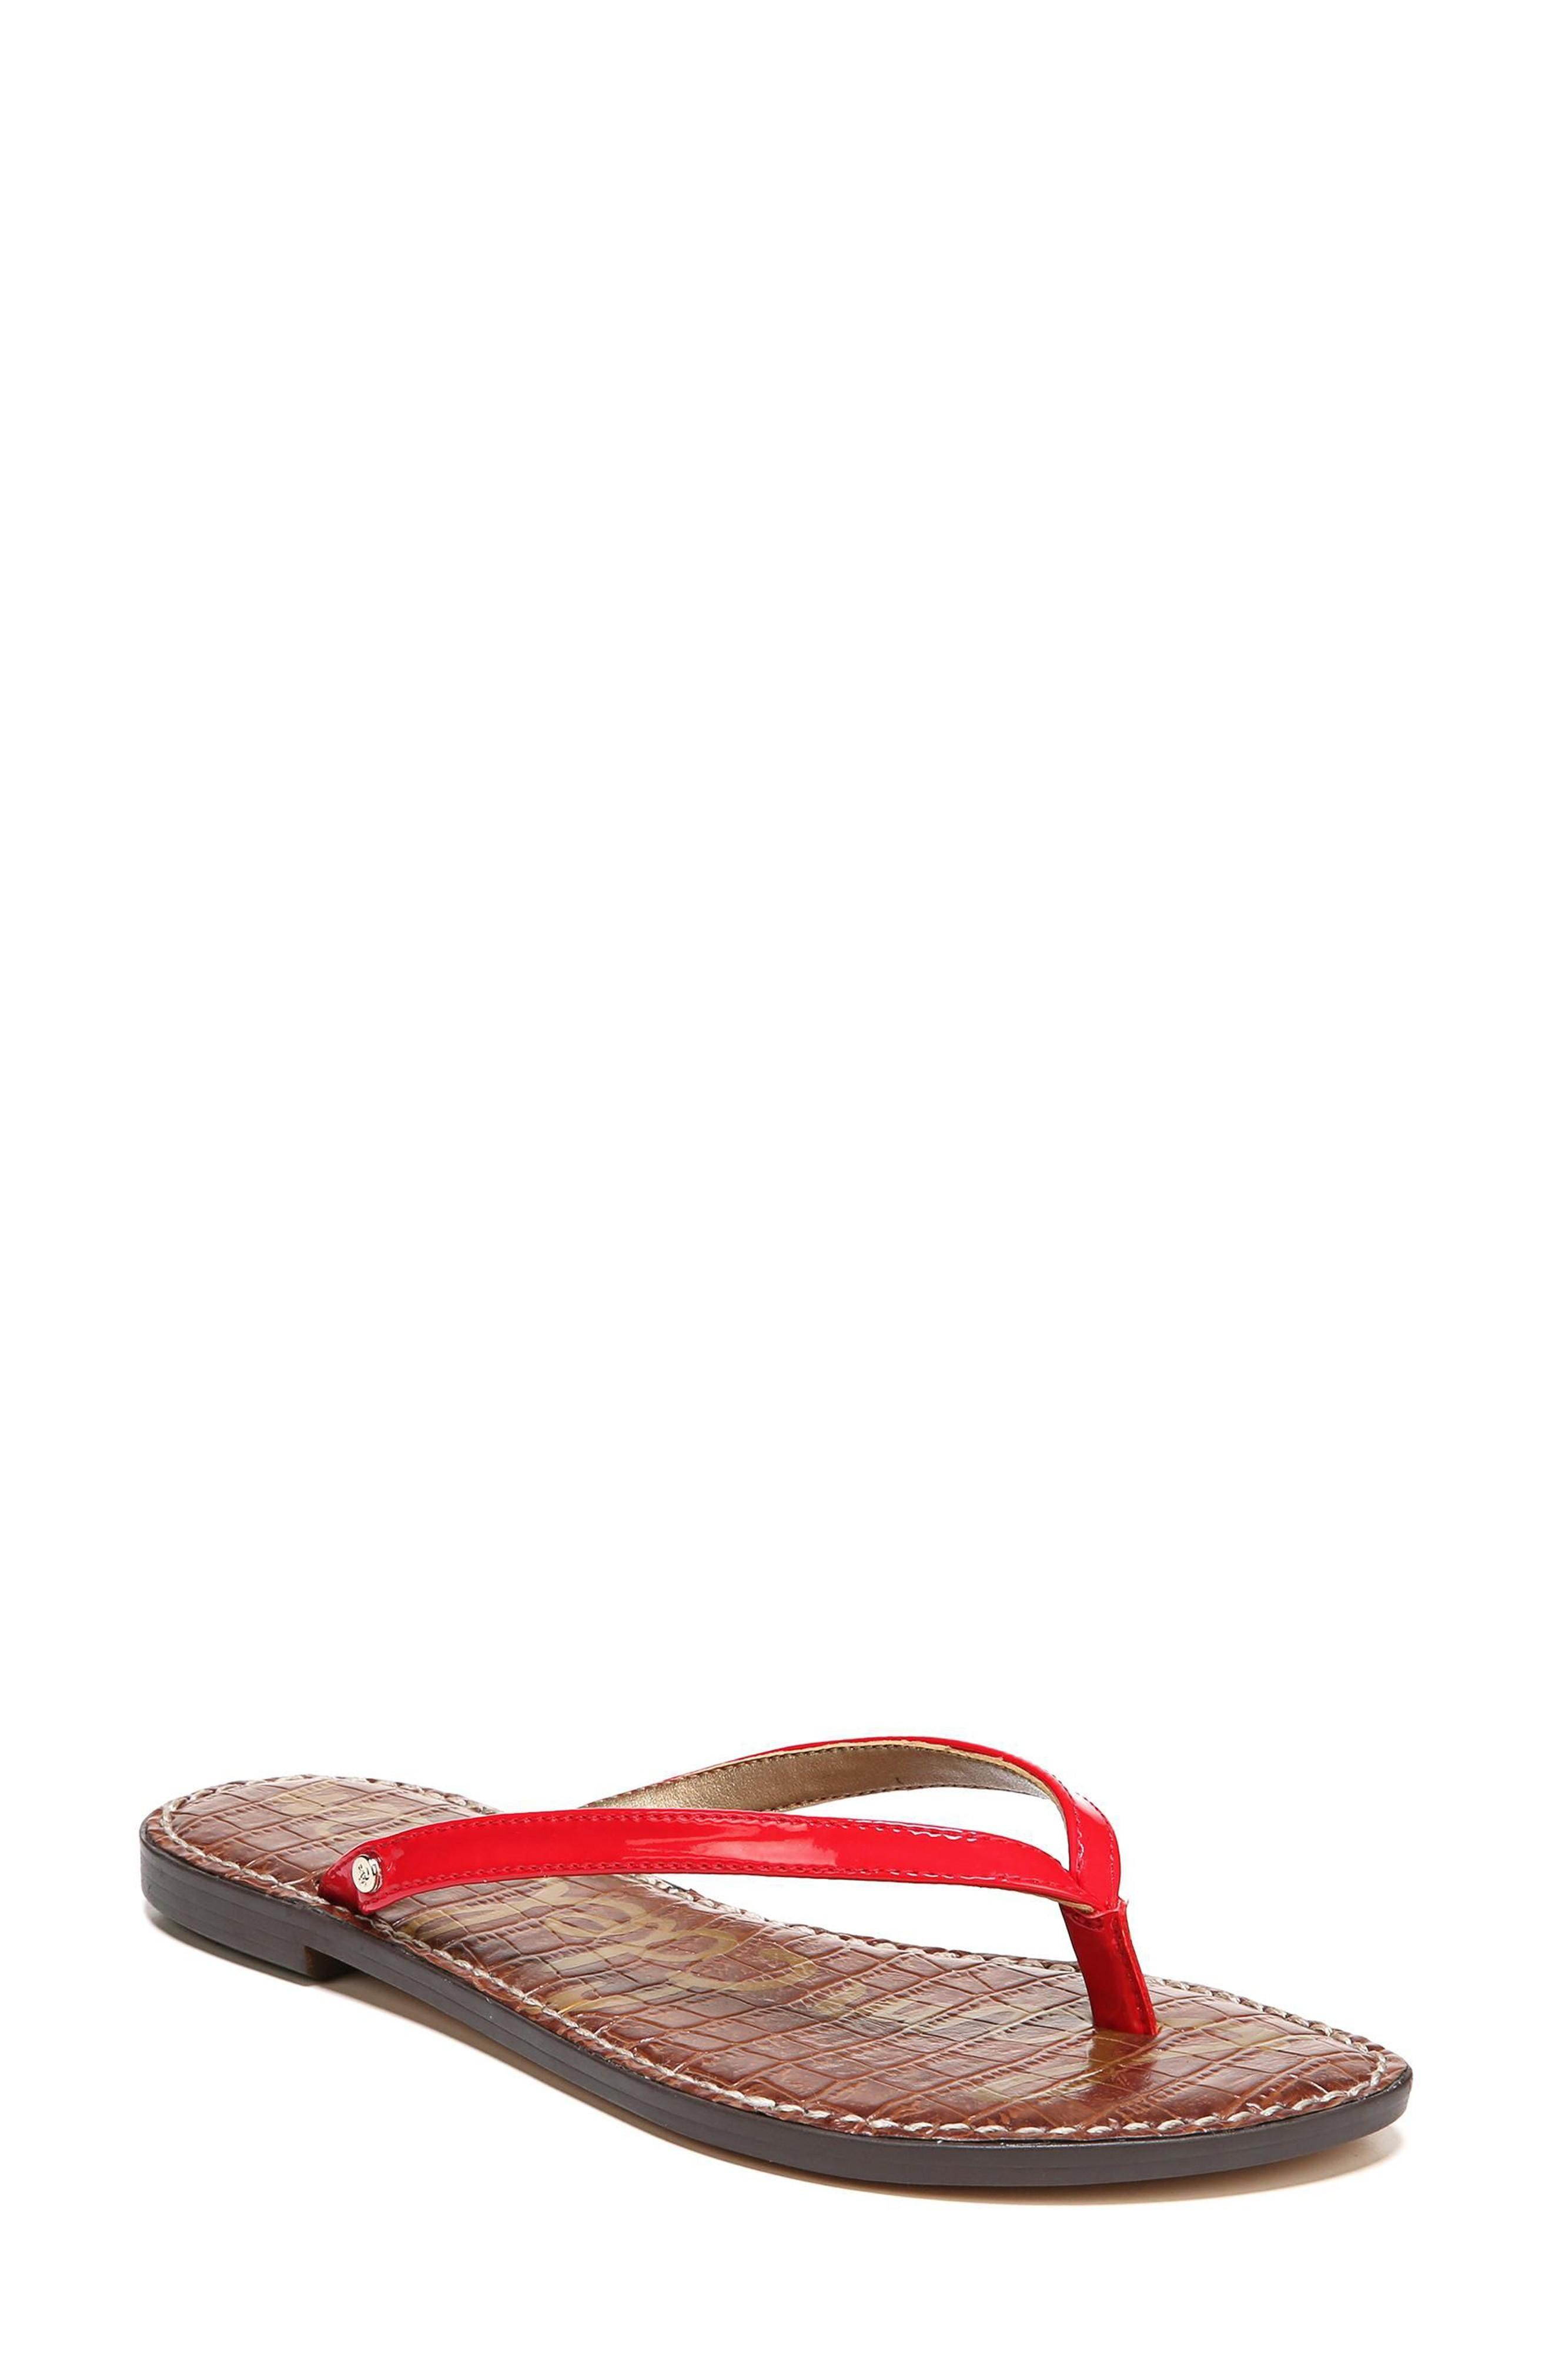 58957e73e Sam Edelman Gracie Leopard Brahma Hair Thong Sandals In New Nude ...